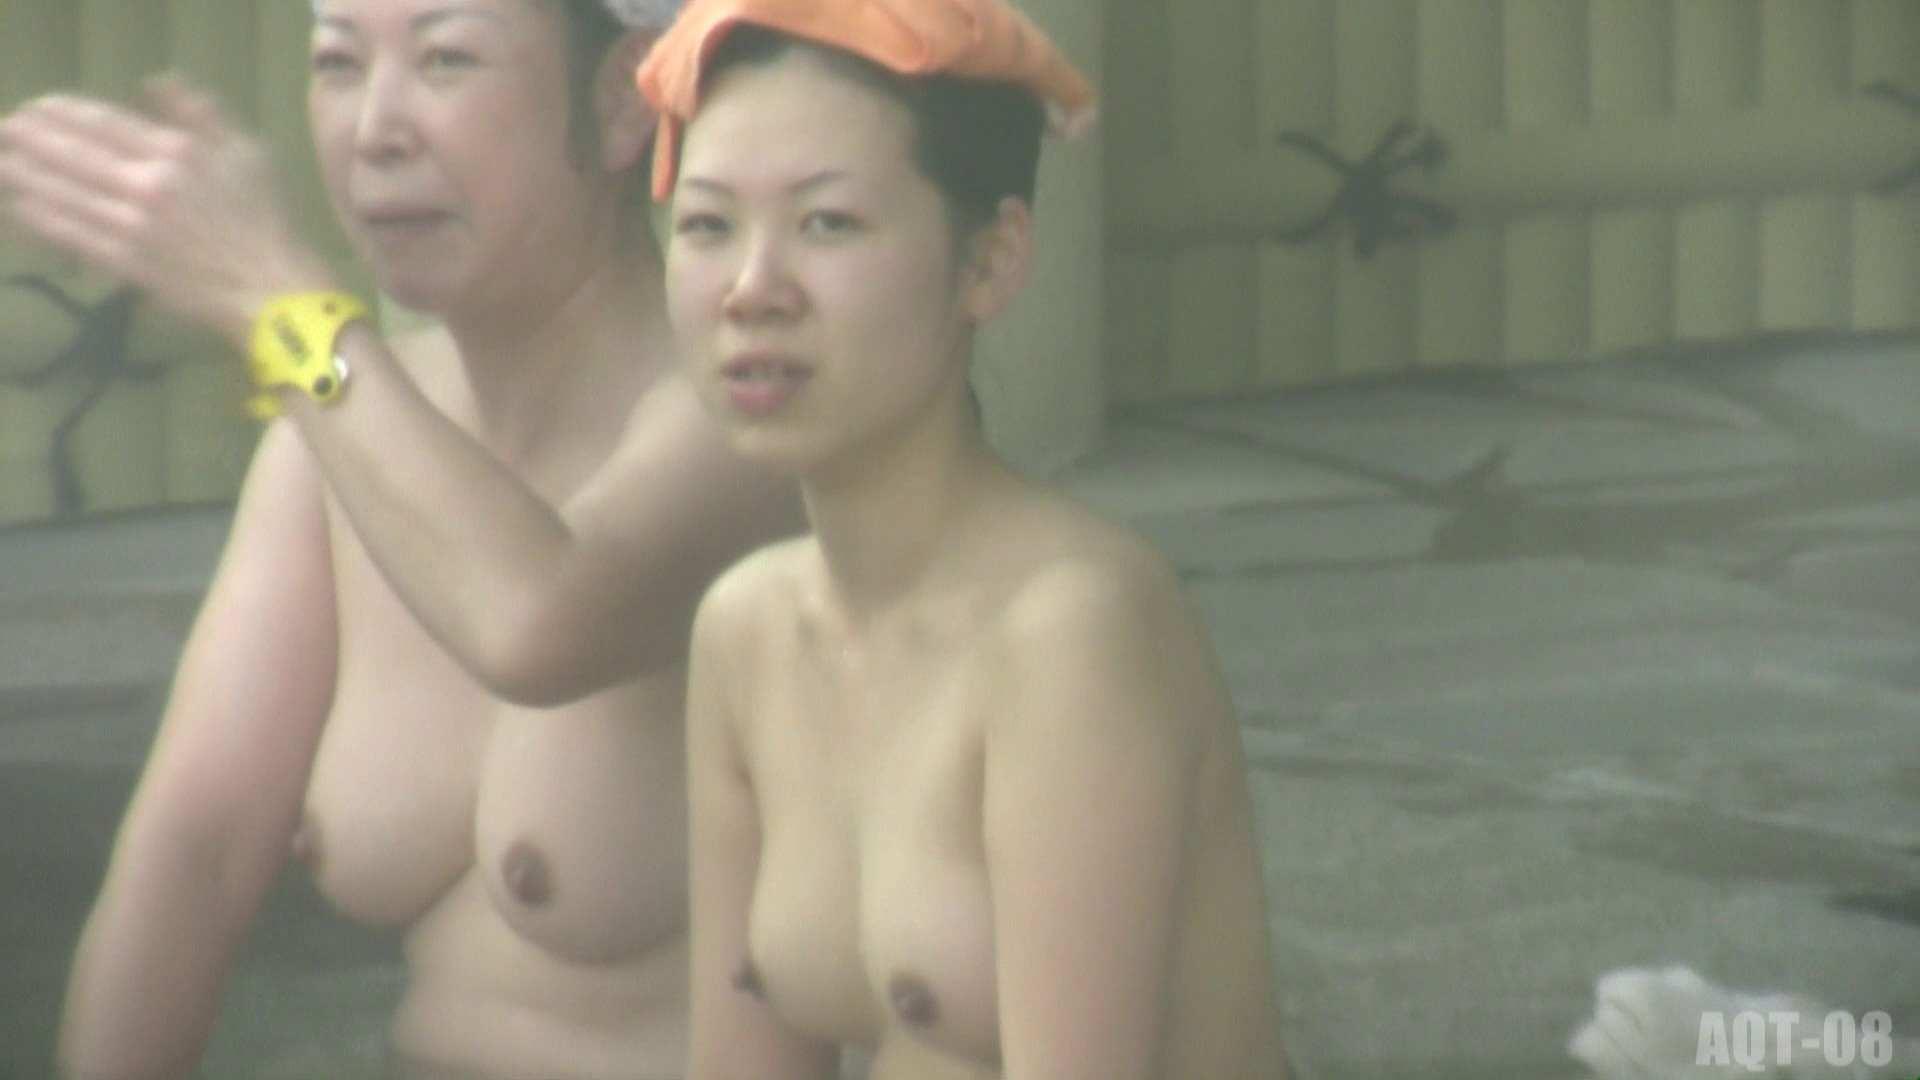 Aquaな露天風呂Vol.778 女体盗撮 のぞき濡れ場動画紹介 101連発 5